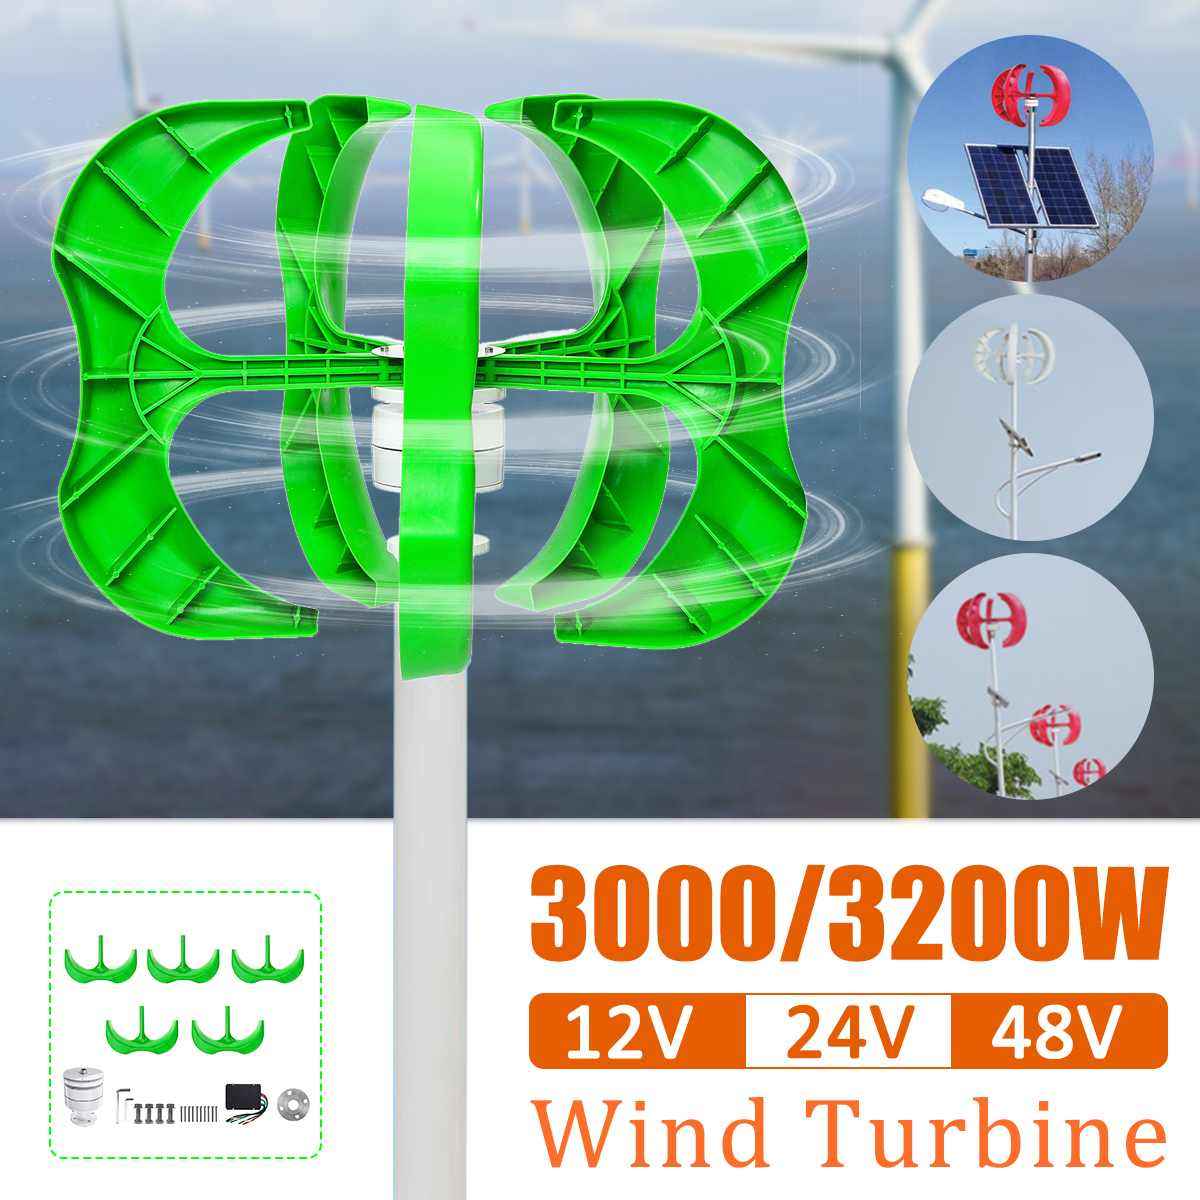 3200 W/3000 W Gerador de Energia Eólica Lâminas gerador 5 12/24/48V Lanterna de turbinas de vento Vertical streetlight + Controlador de eixo Para Uso Doméstico